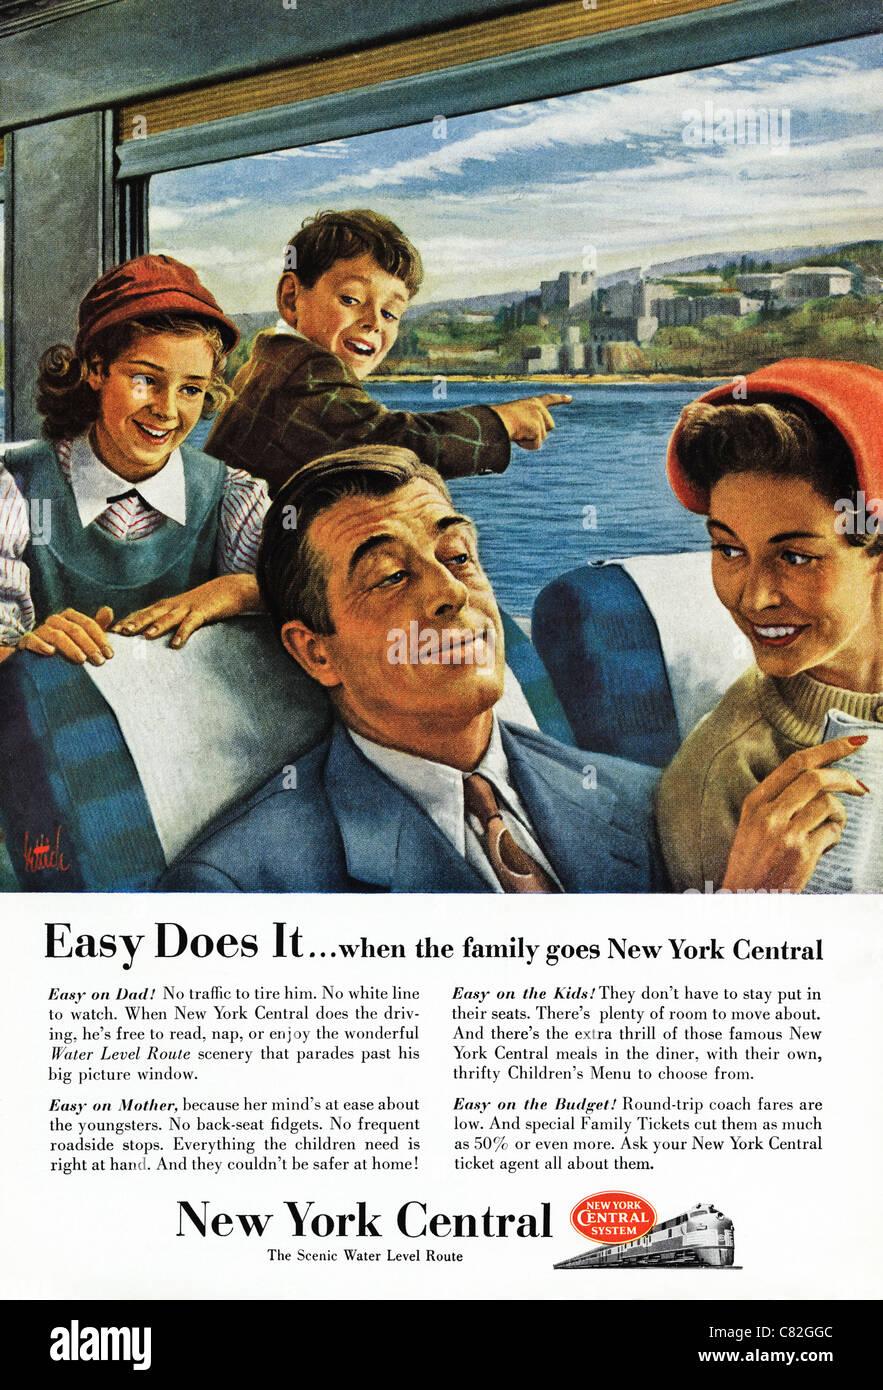 Revista americana anuncio publicitario en 1954 viaje familiar en el ferrocarril central de Nueva York Imagen De Stock